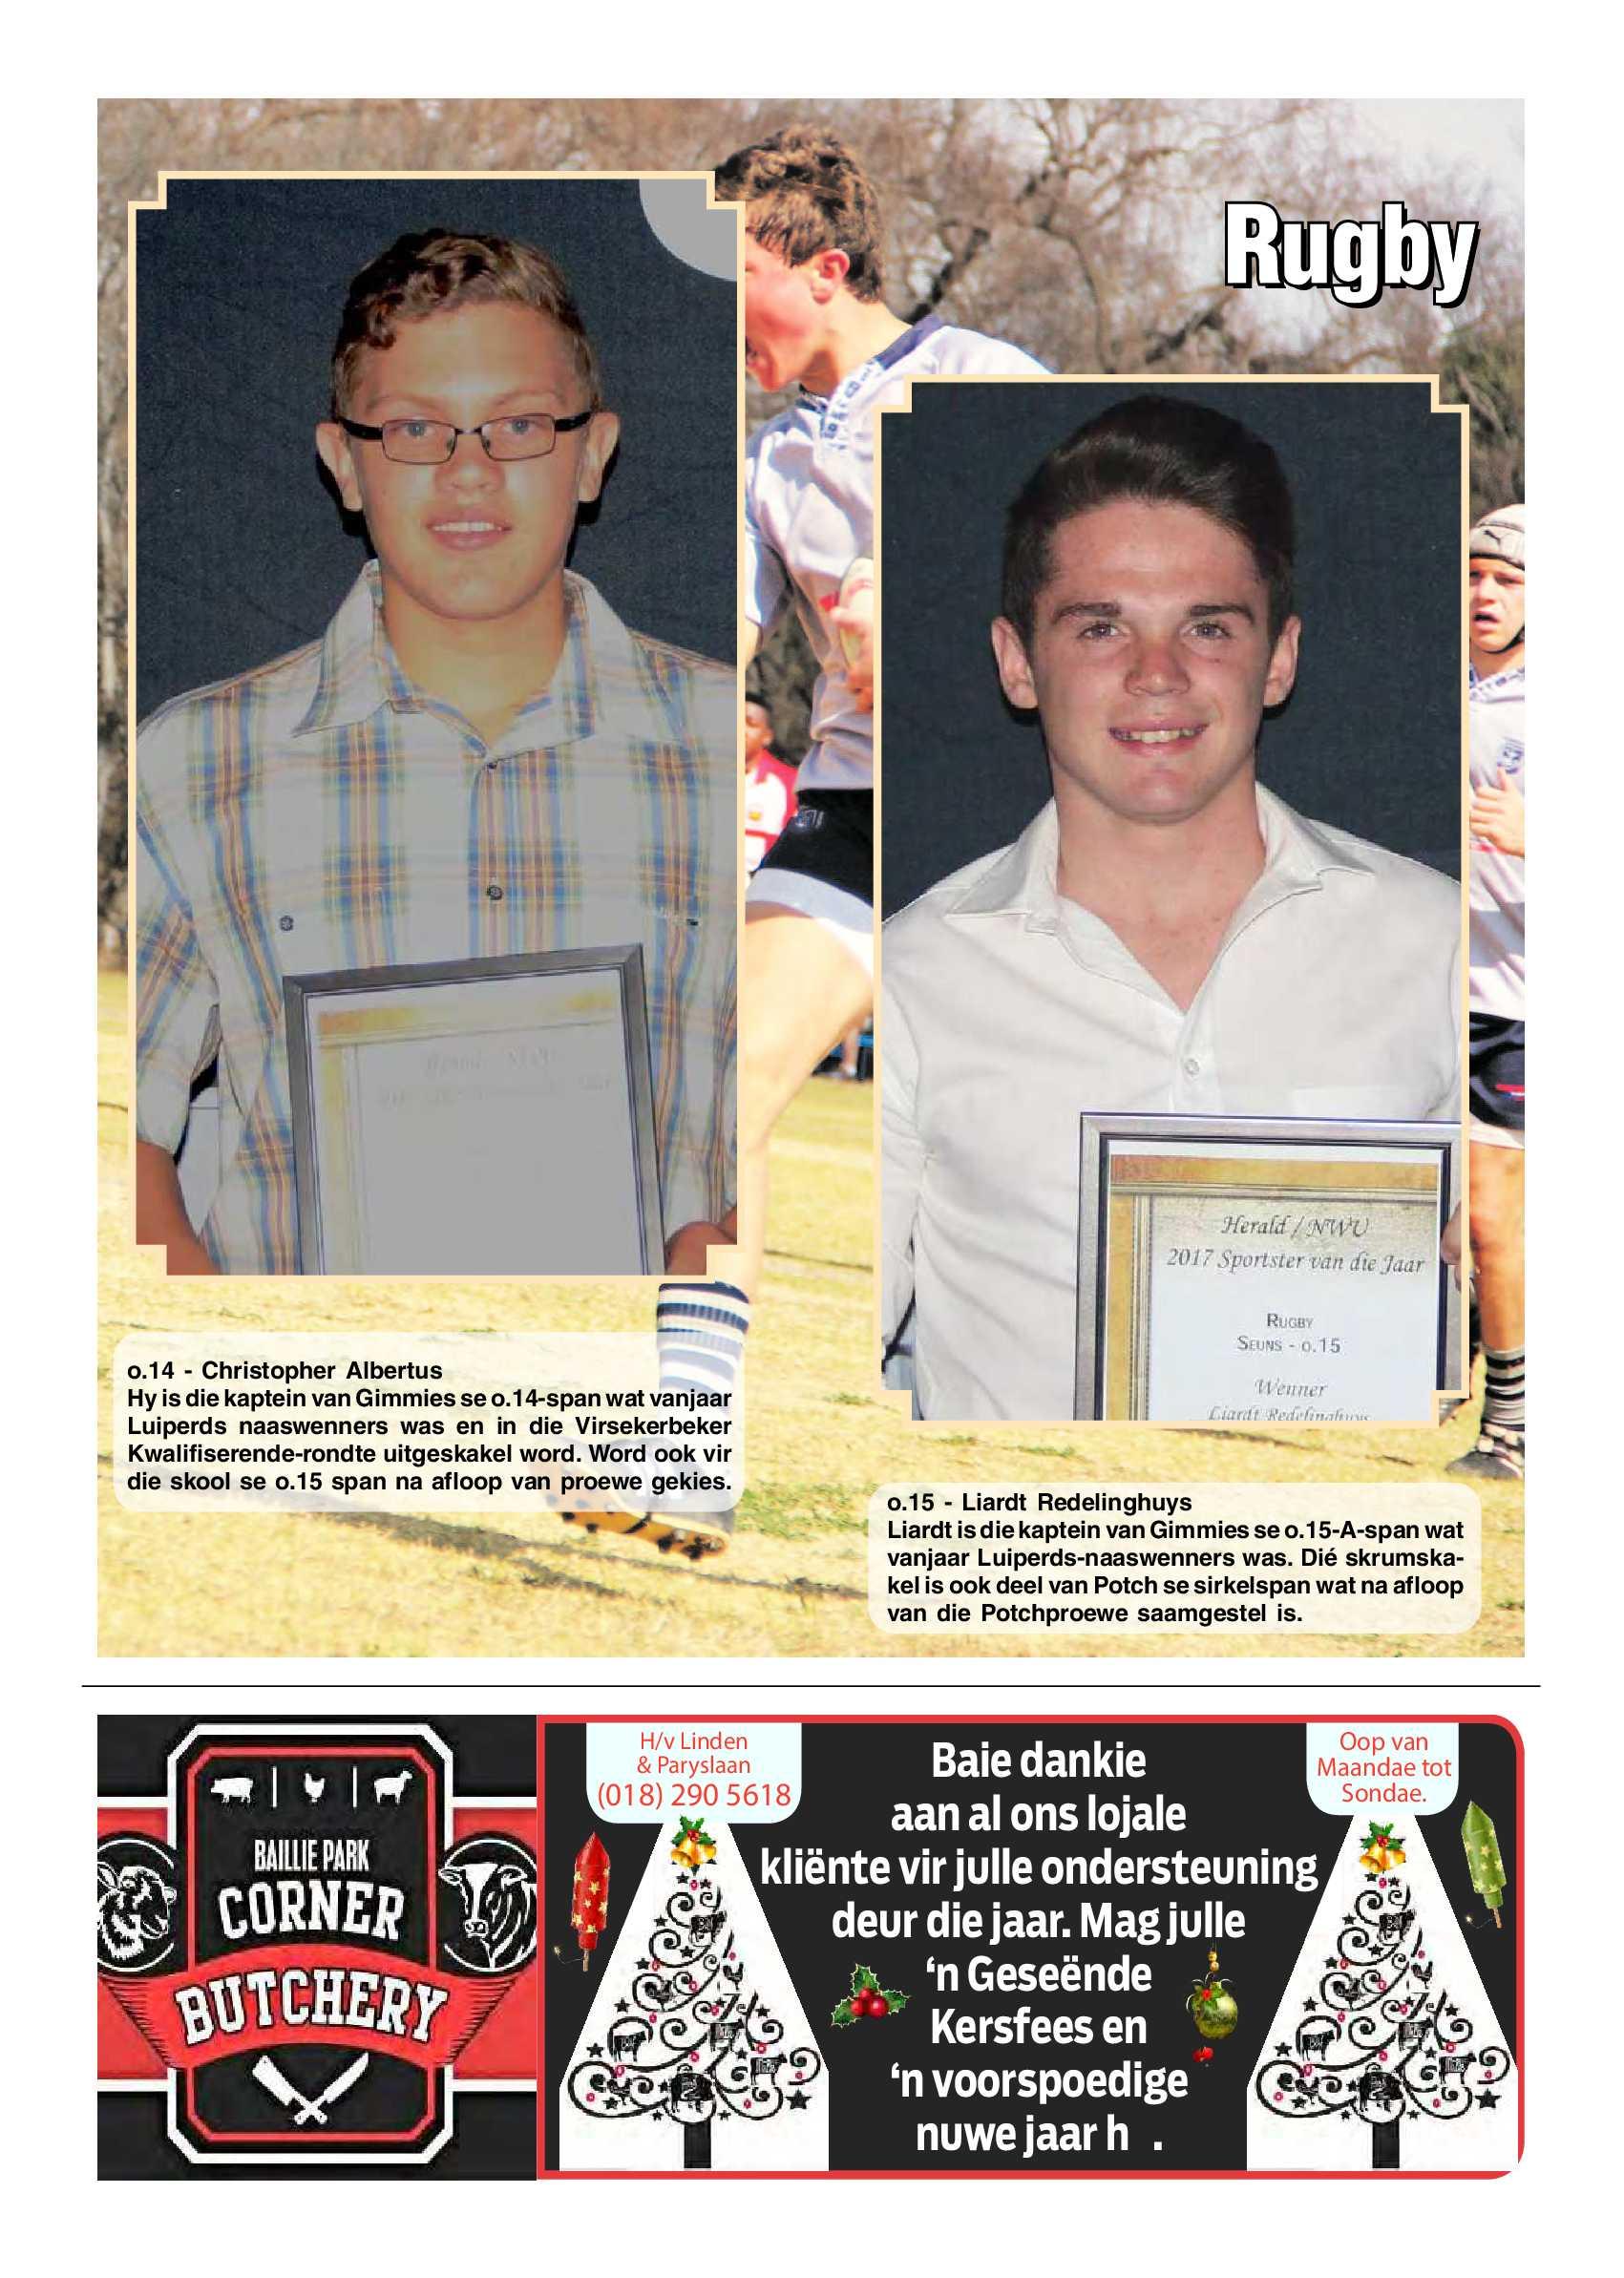 sportster-van-die-jaar-2017-epapers-page-14